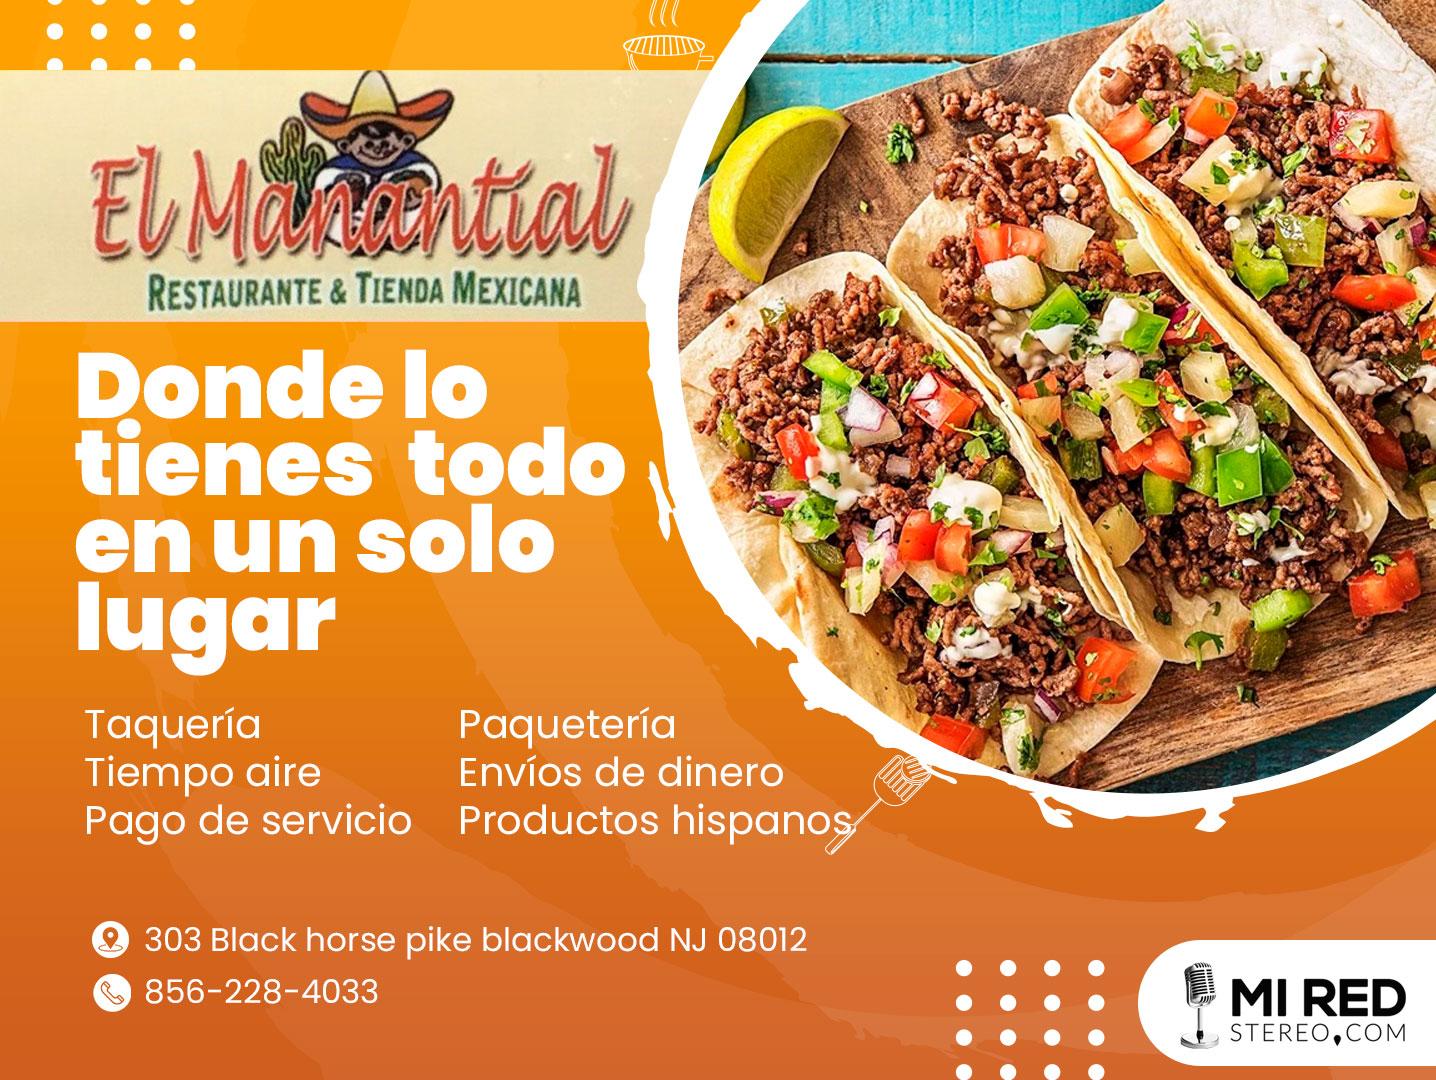 El Manantial Restaurante